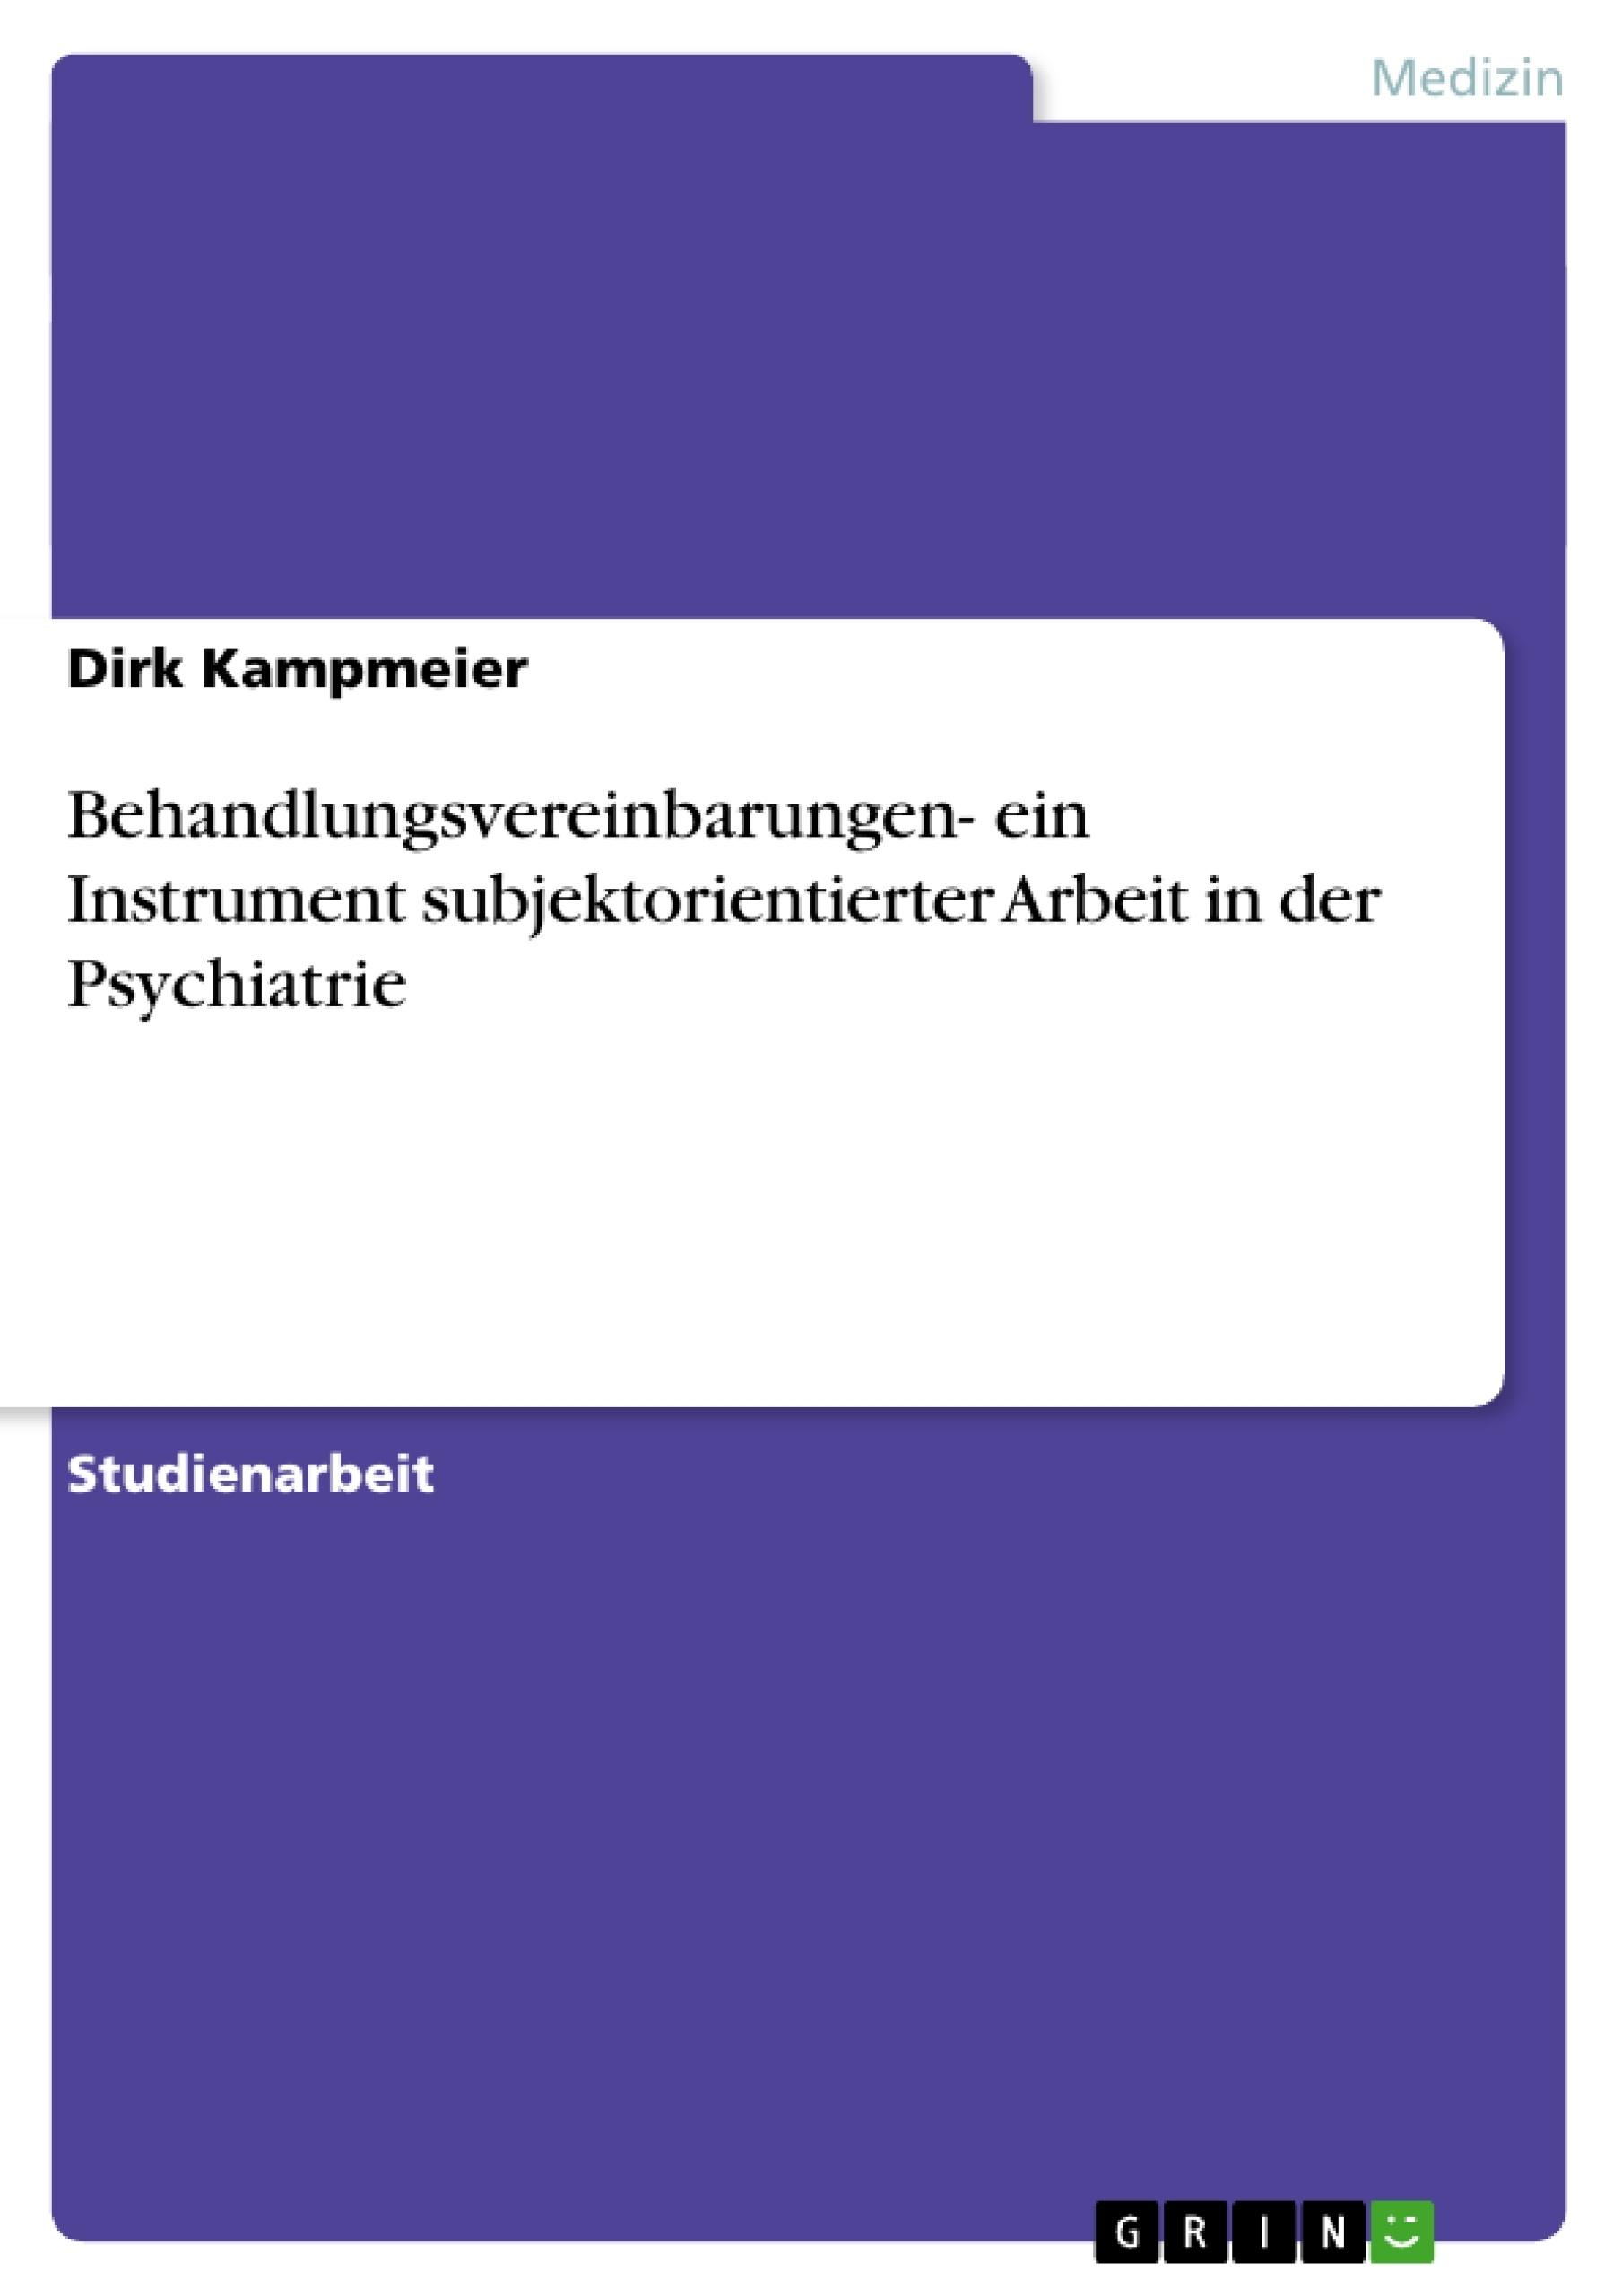 Titel: Behandlungsvereinbarungen- ein Instrument subjektorientierter Arbeit in der Psychiatrie